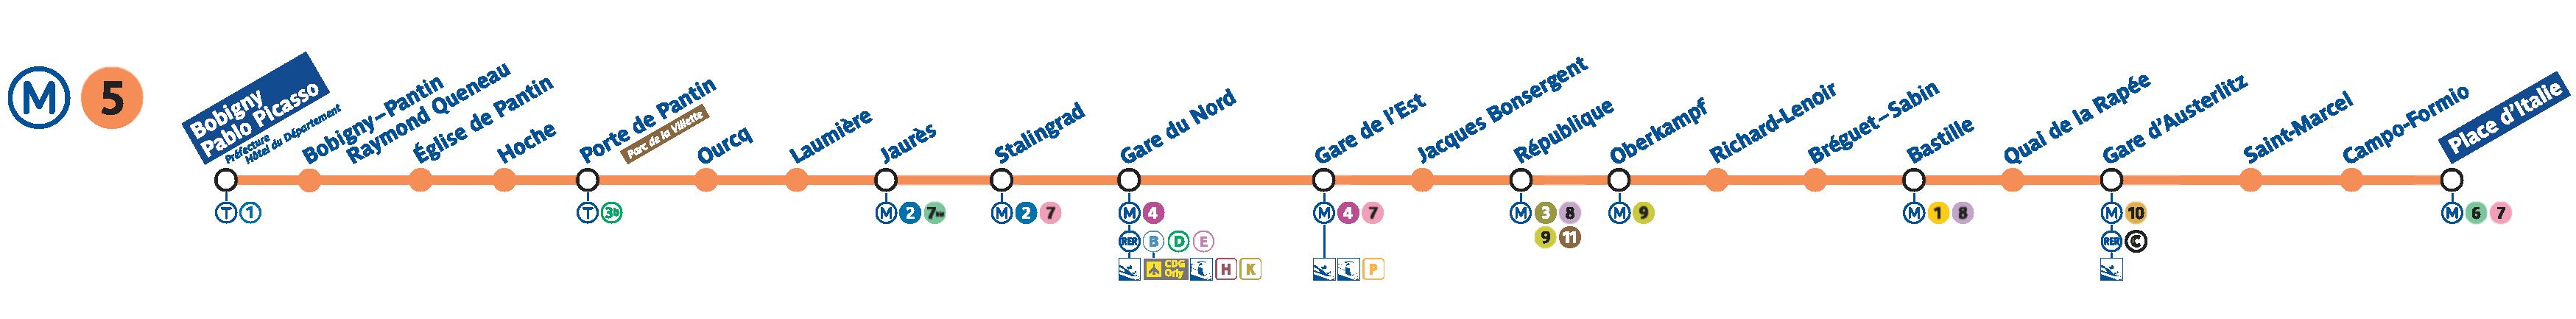 paris metro line 5